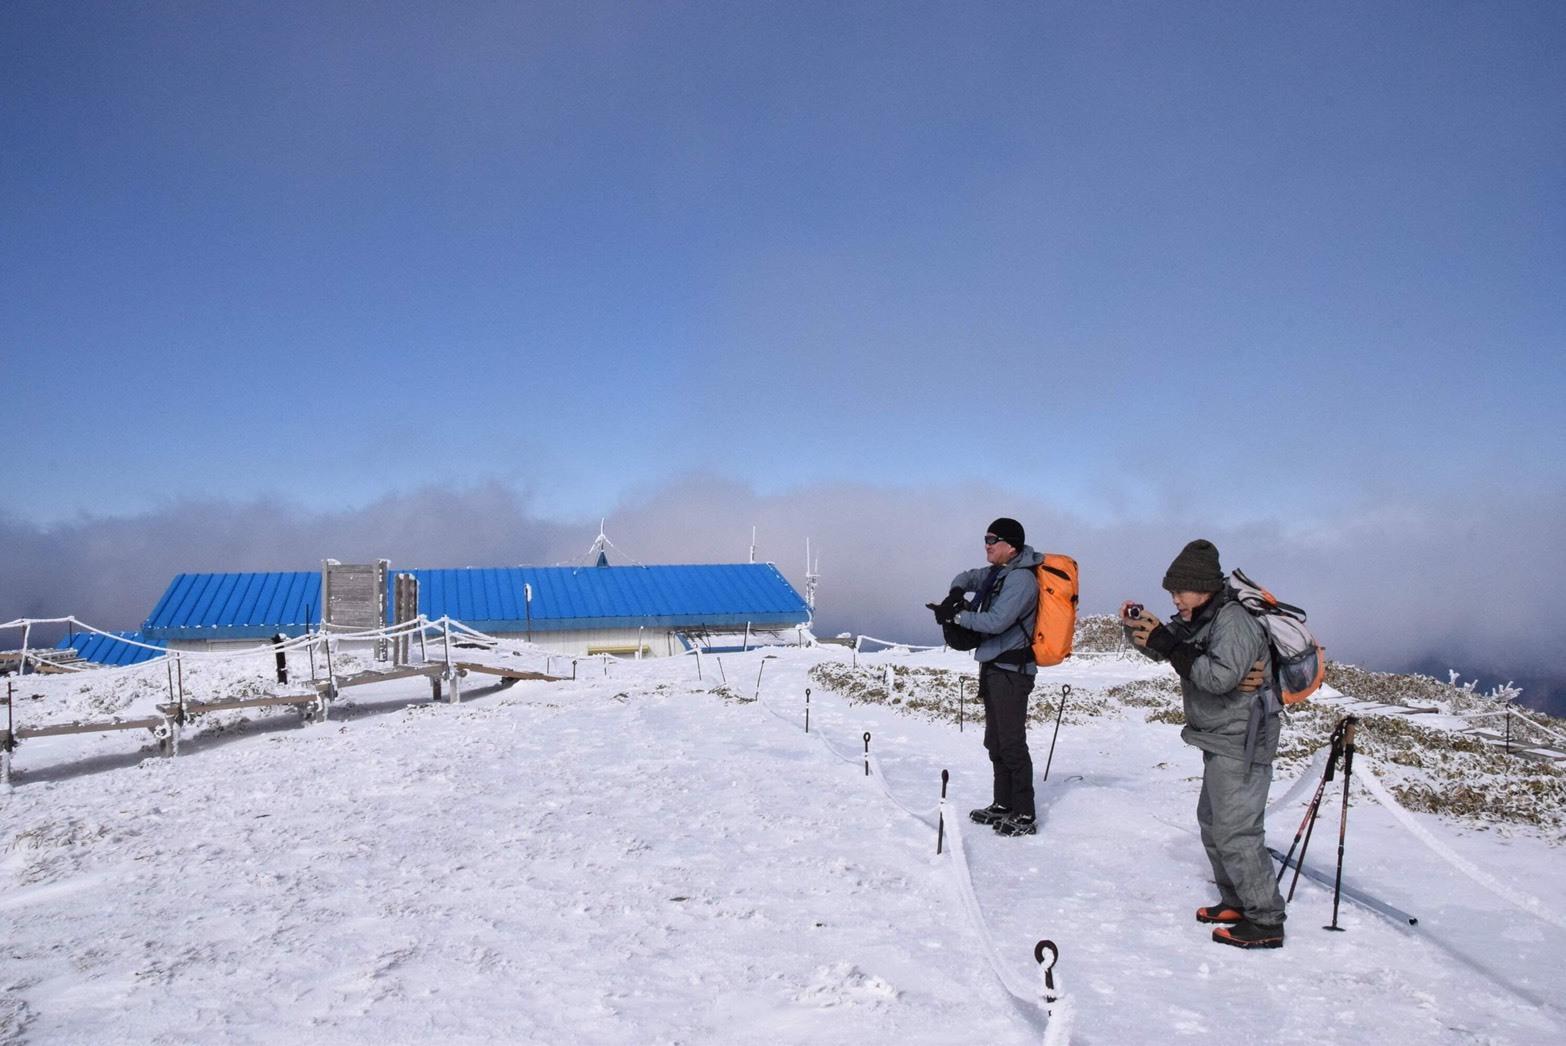 2月1日(土) 二代目登山報告_c0089831_22230922.jpeg